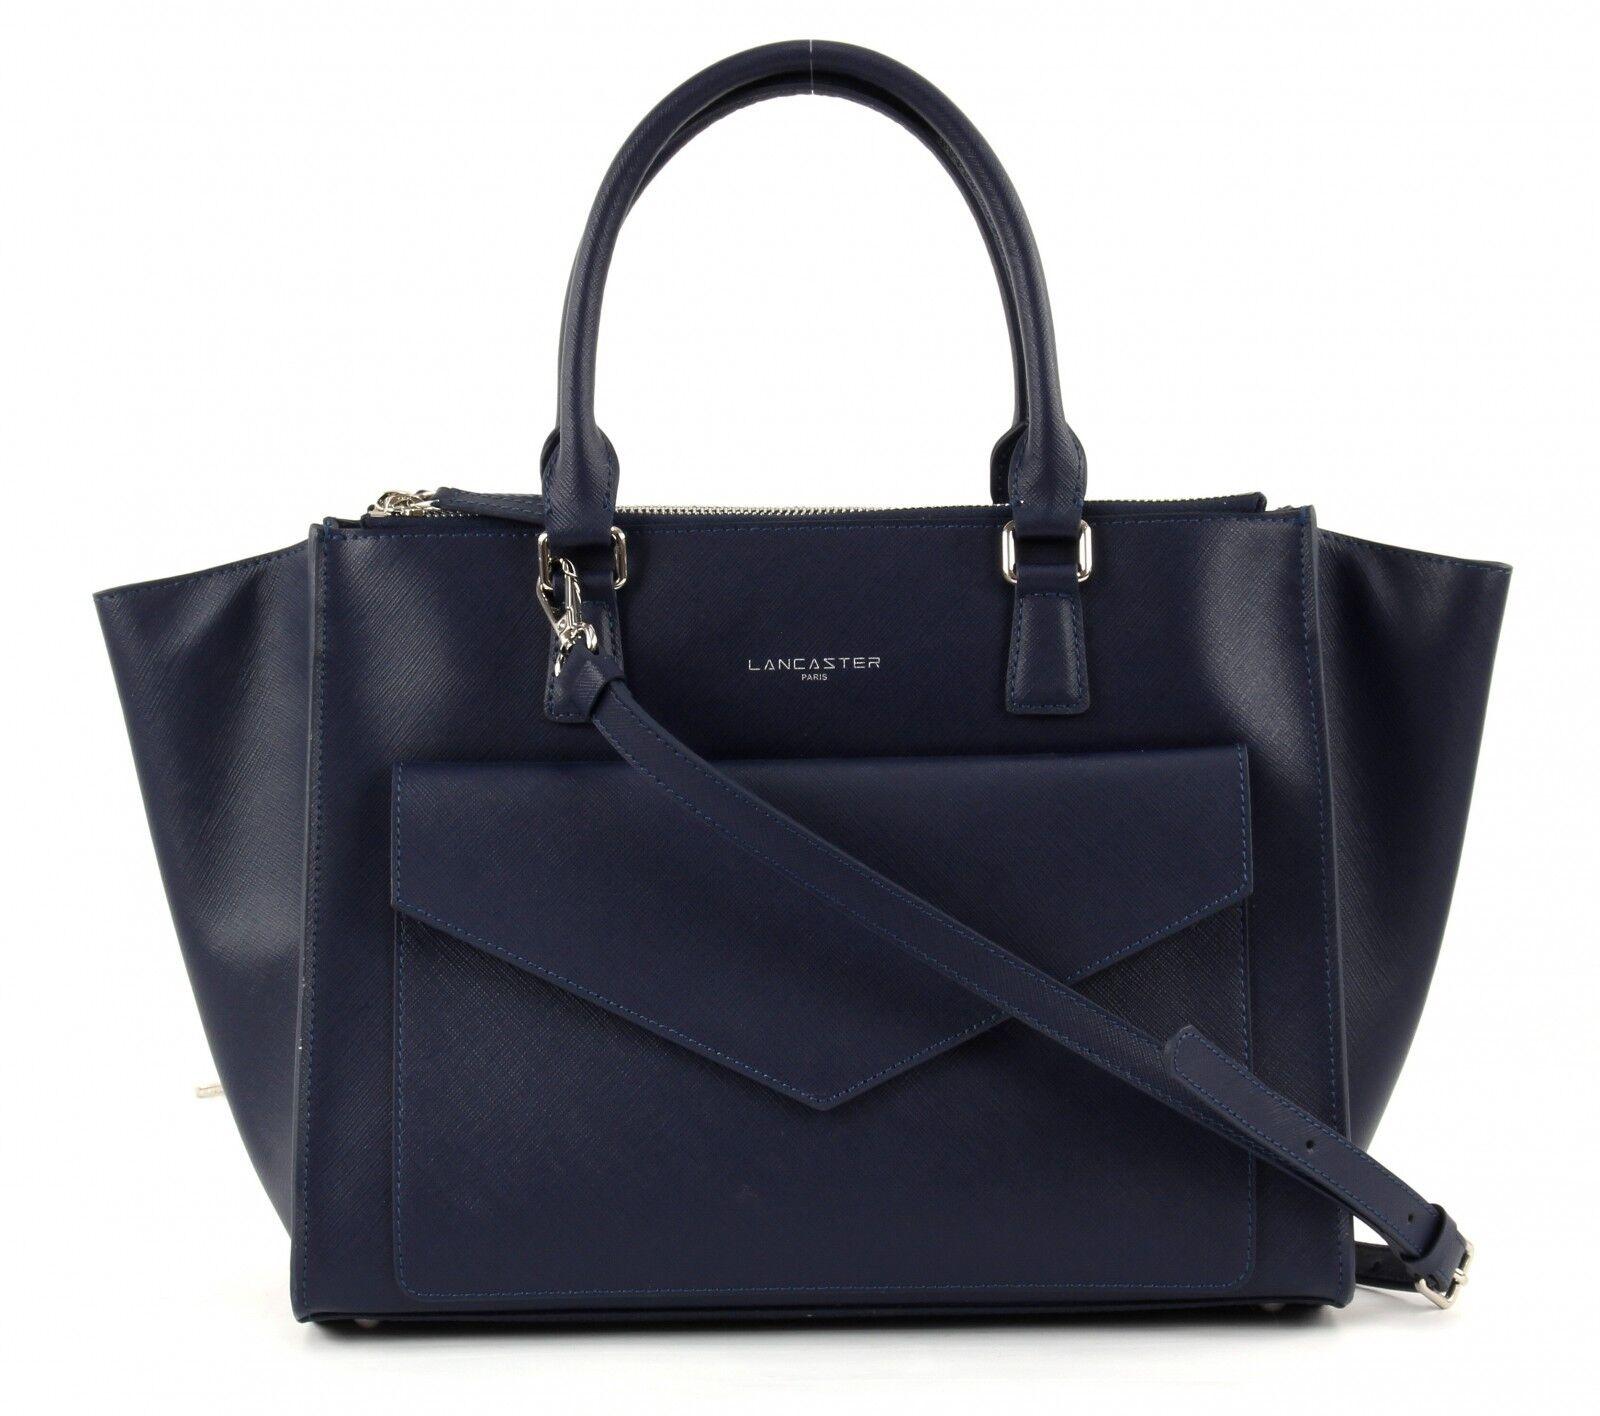 LANCASTER Adèle Handbag Tasche Schultertasche Handtasche Blau Blau Blau Blau Fonce Damen | Charmantes Design  | Zürich Online Shop  | Zuverlässiger Ruf  f9f03f